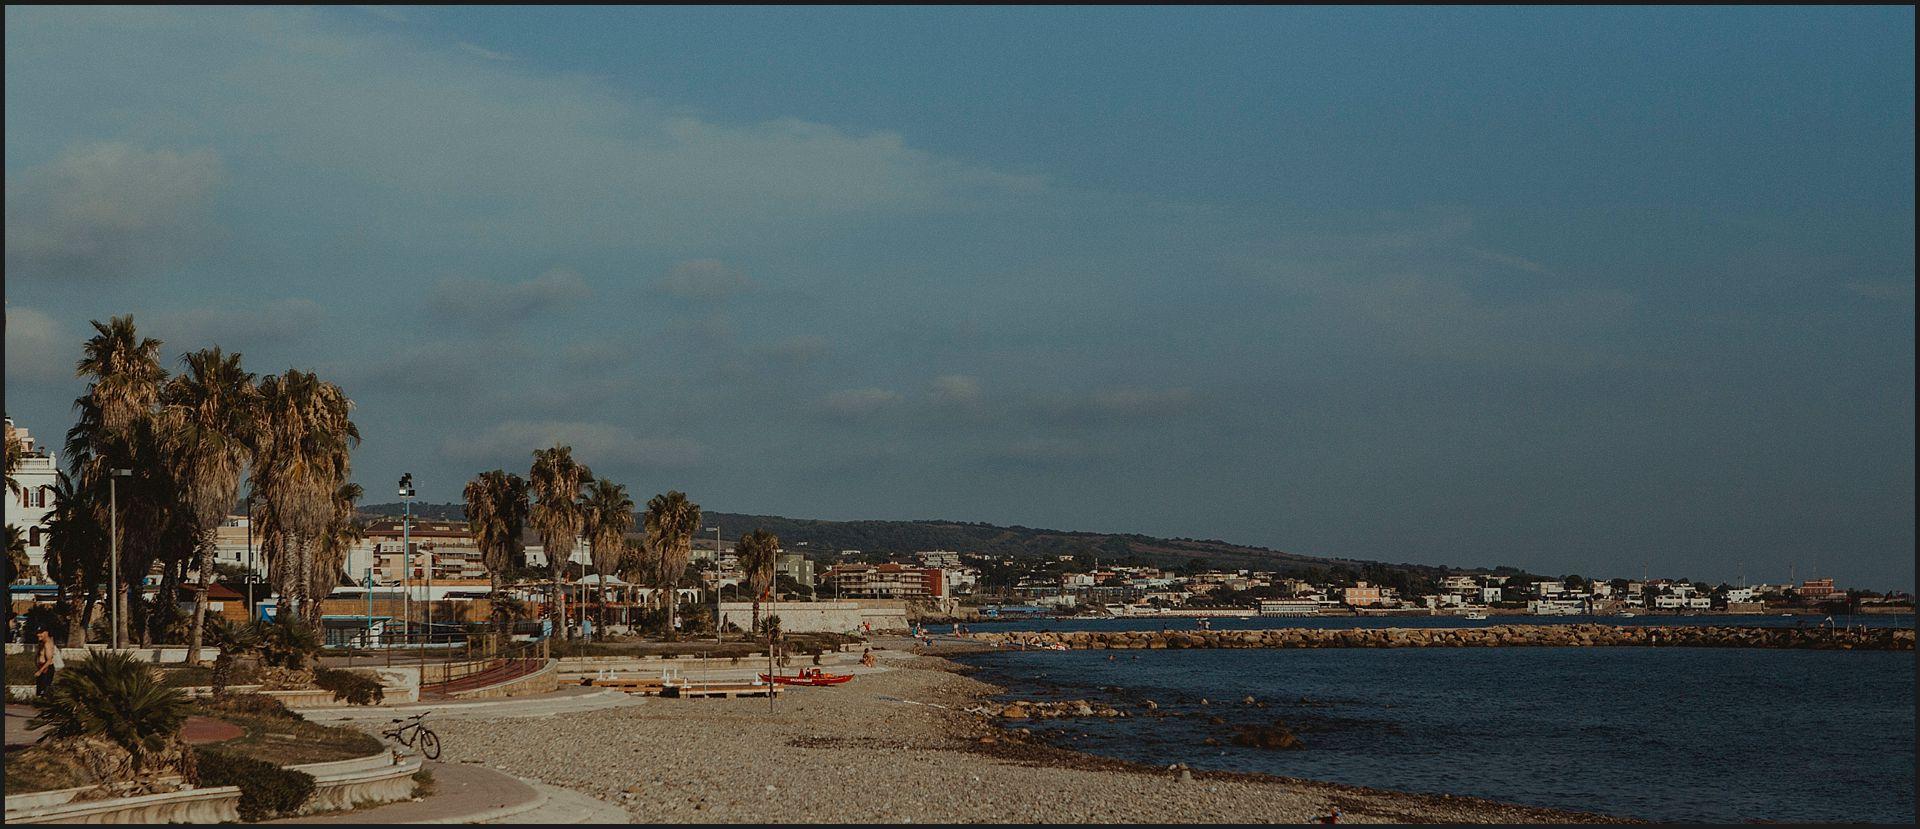 italy, Destination wedding, seaside, wedding by the sea, beach, santa marinella